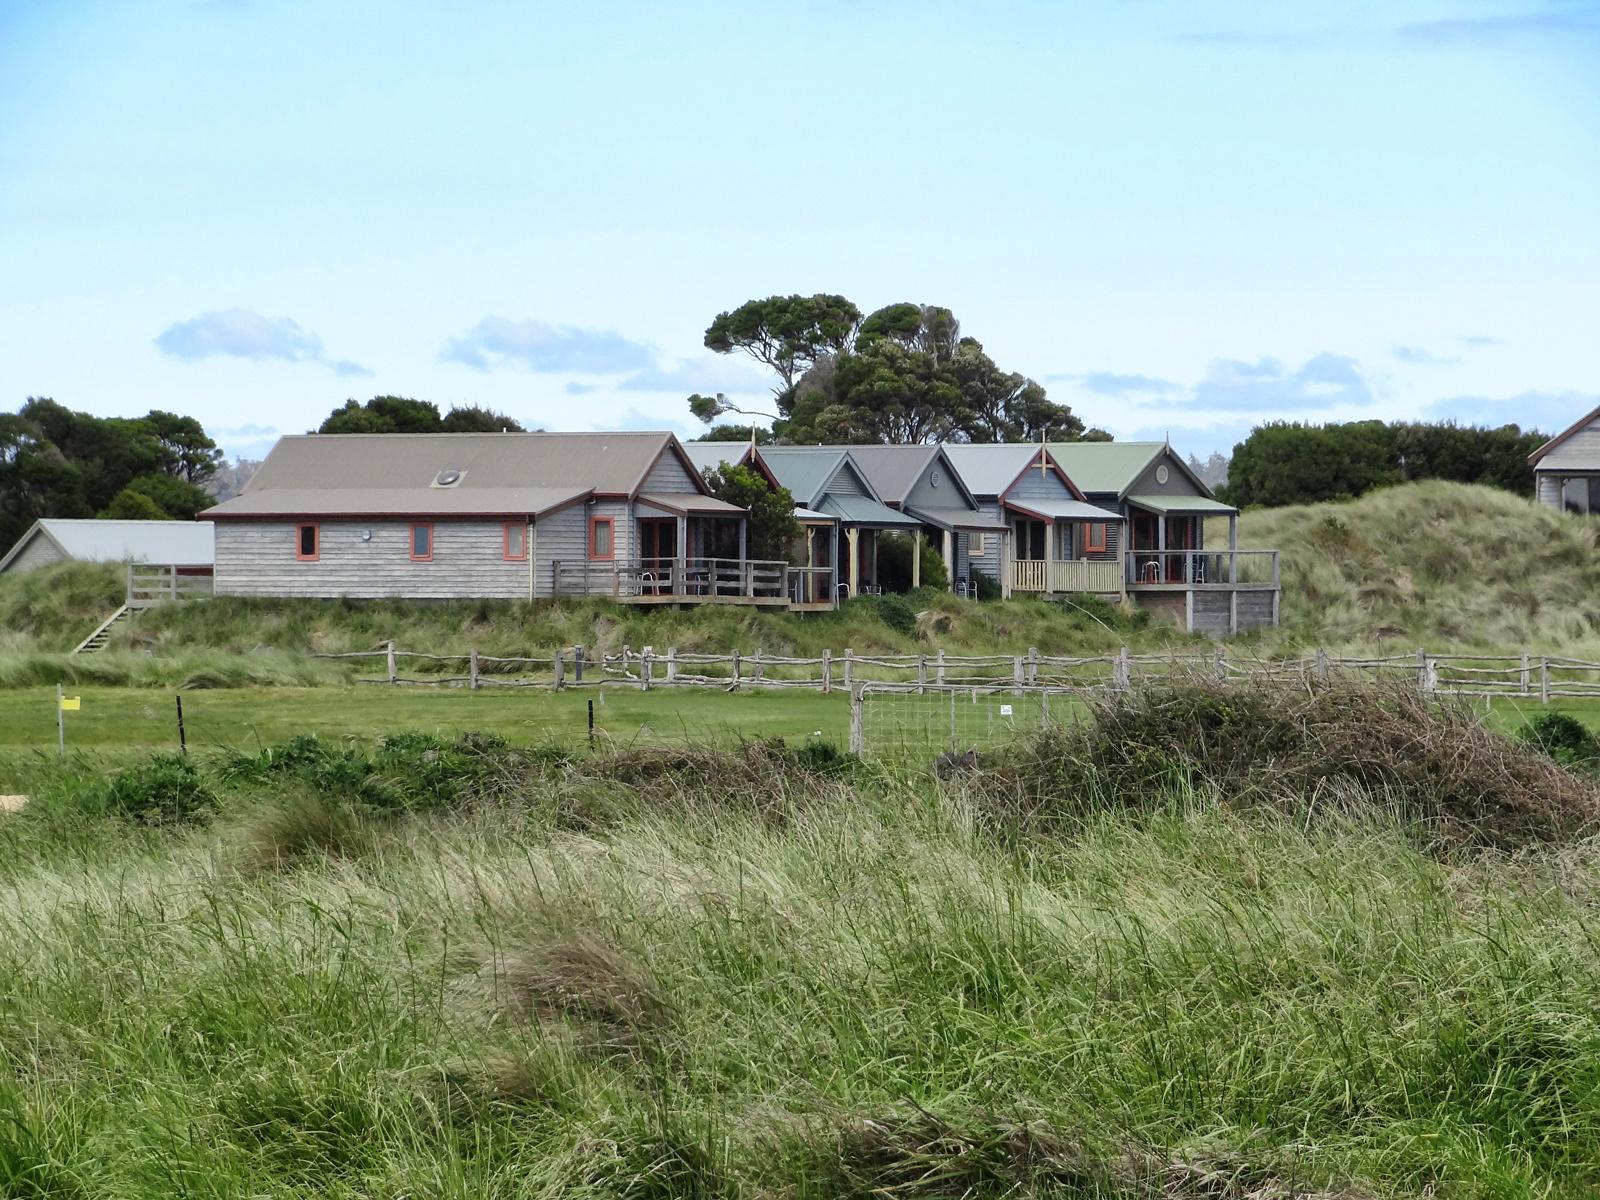 Die Lodges on site